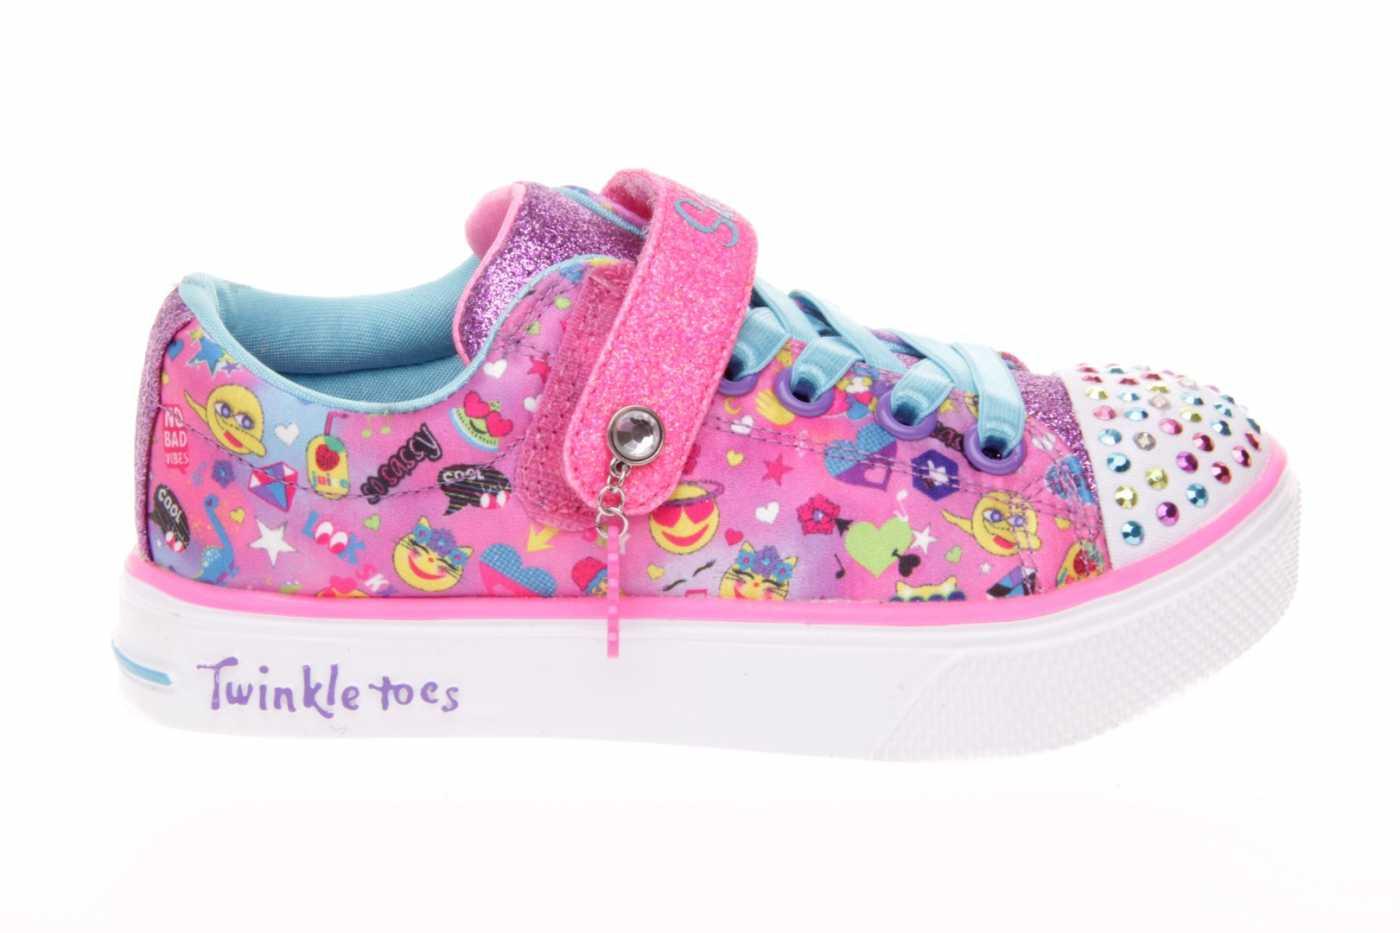 paquete de moda y atractivo zapatos elegantes envío directo LONA SKECHERS NIÑA CON LUCES Y VELCRO